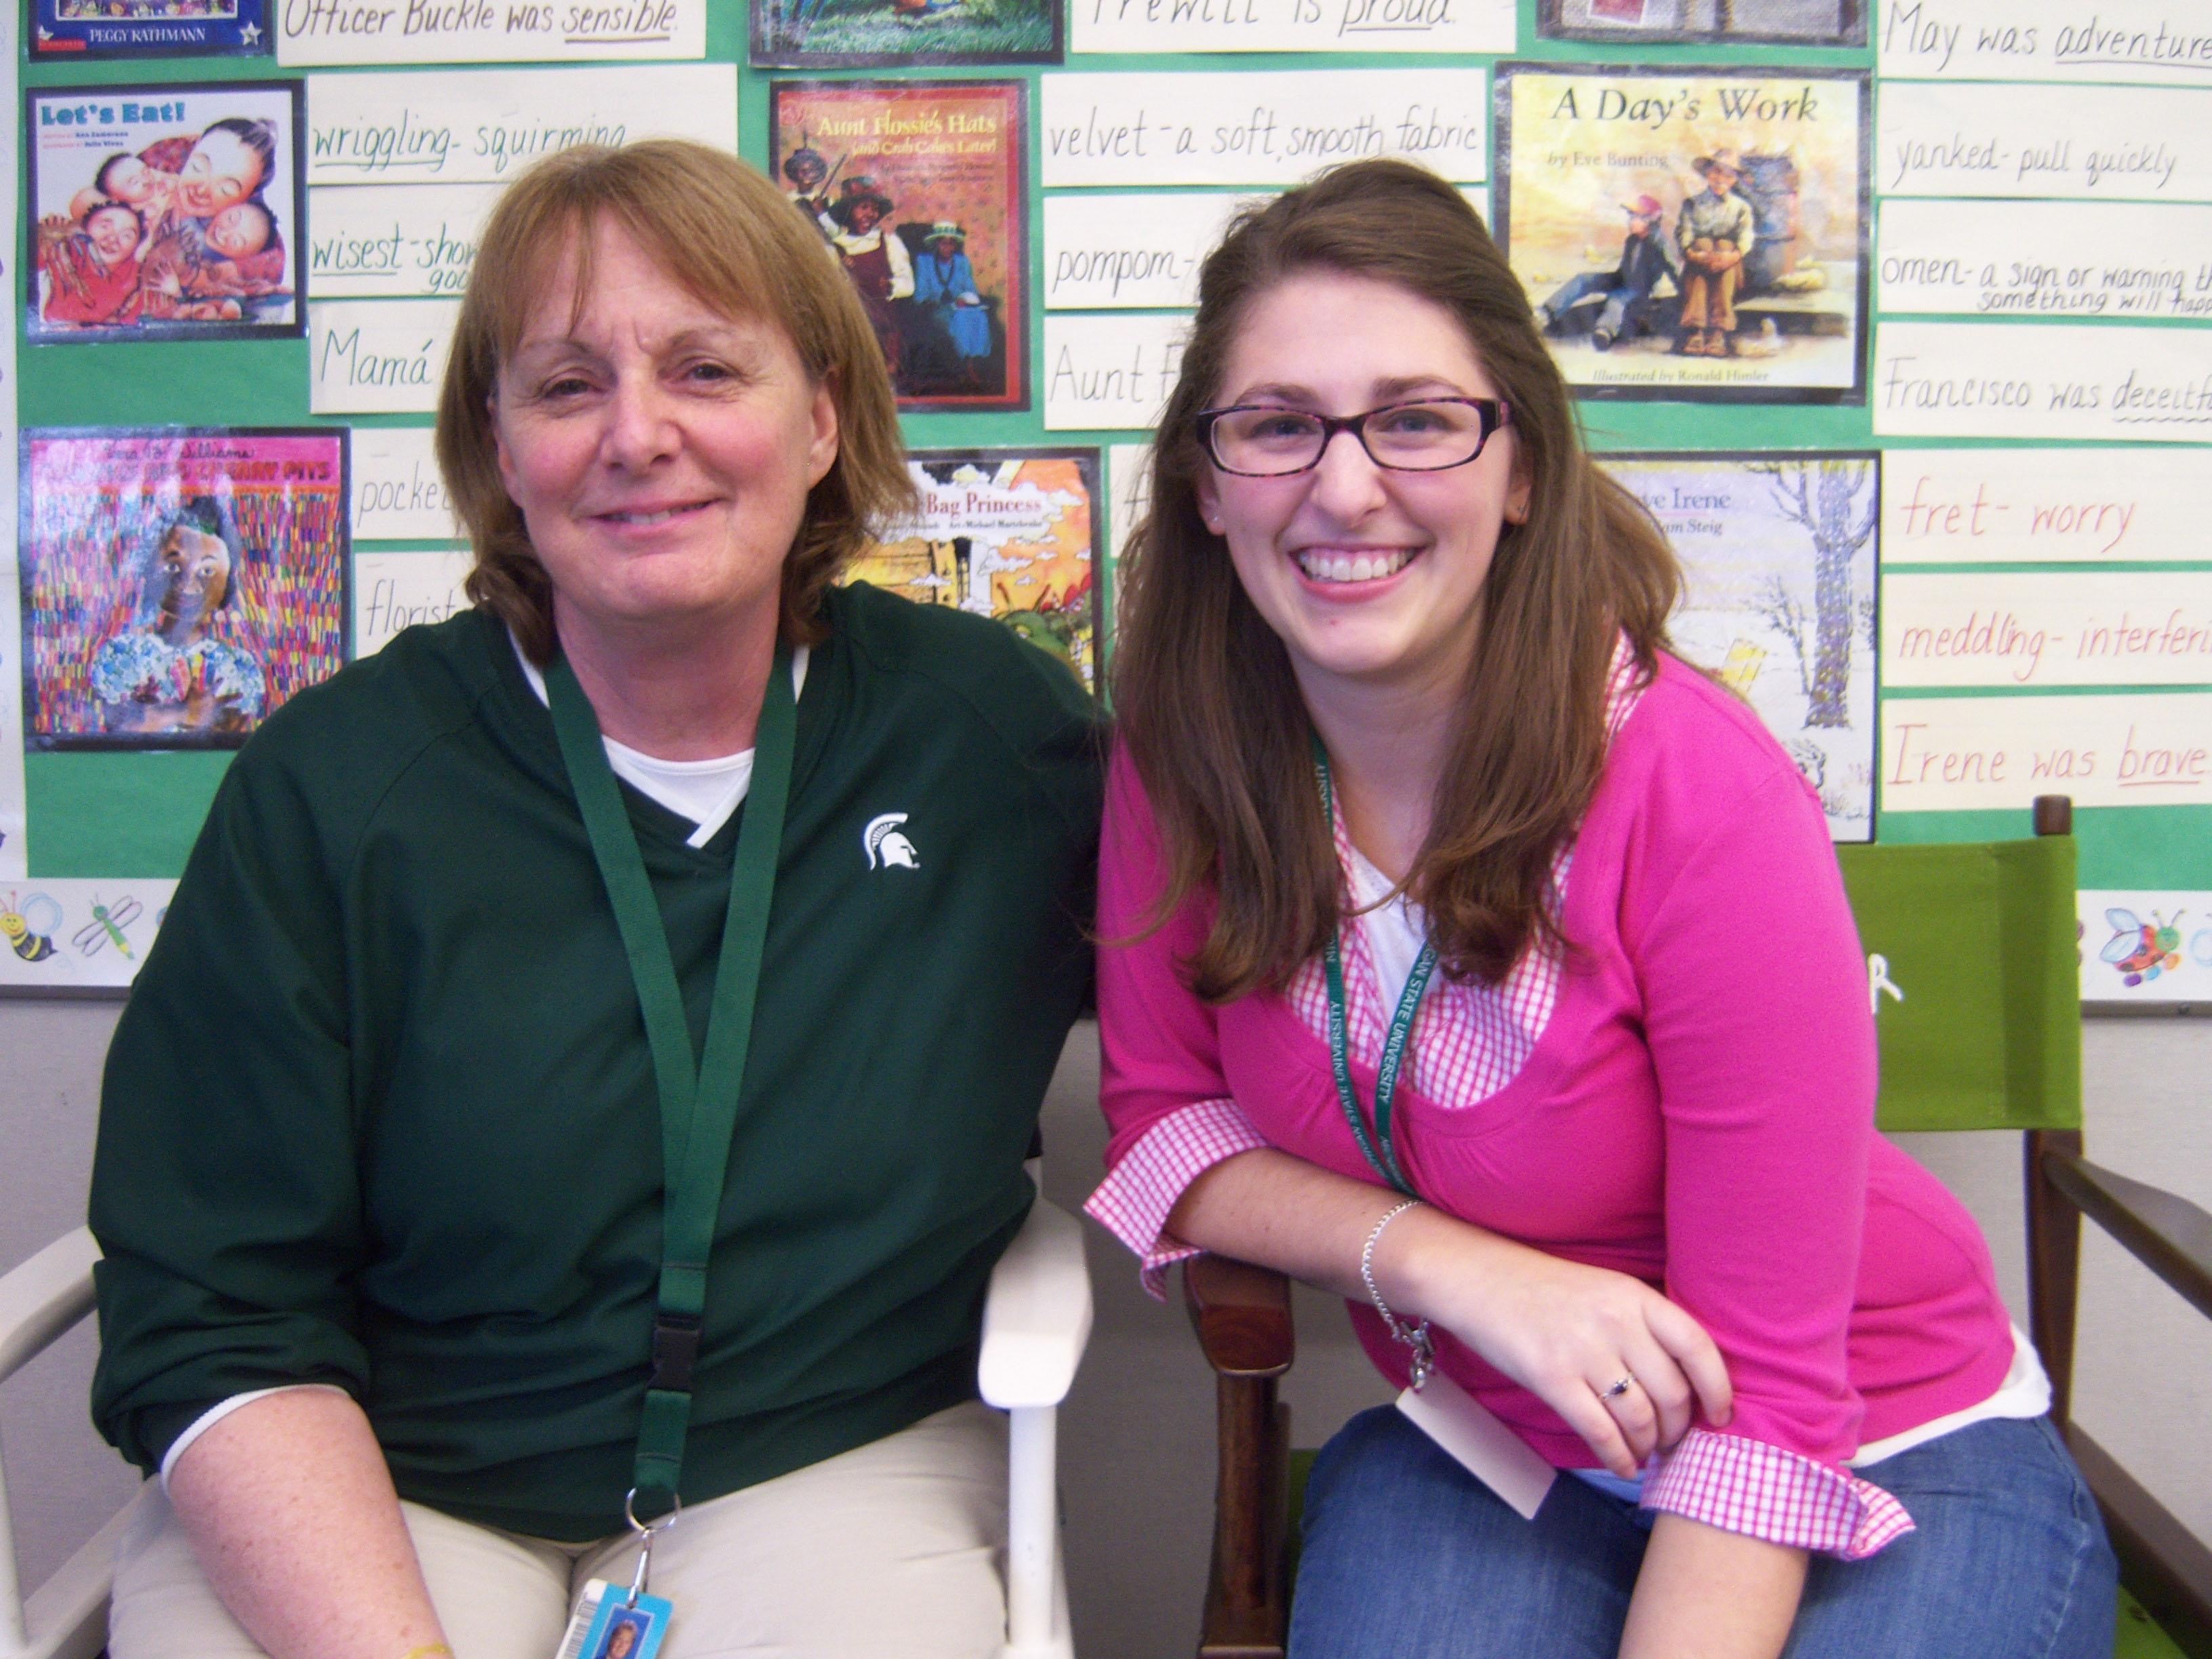 Teaching intern named best in Michigan